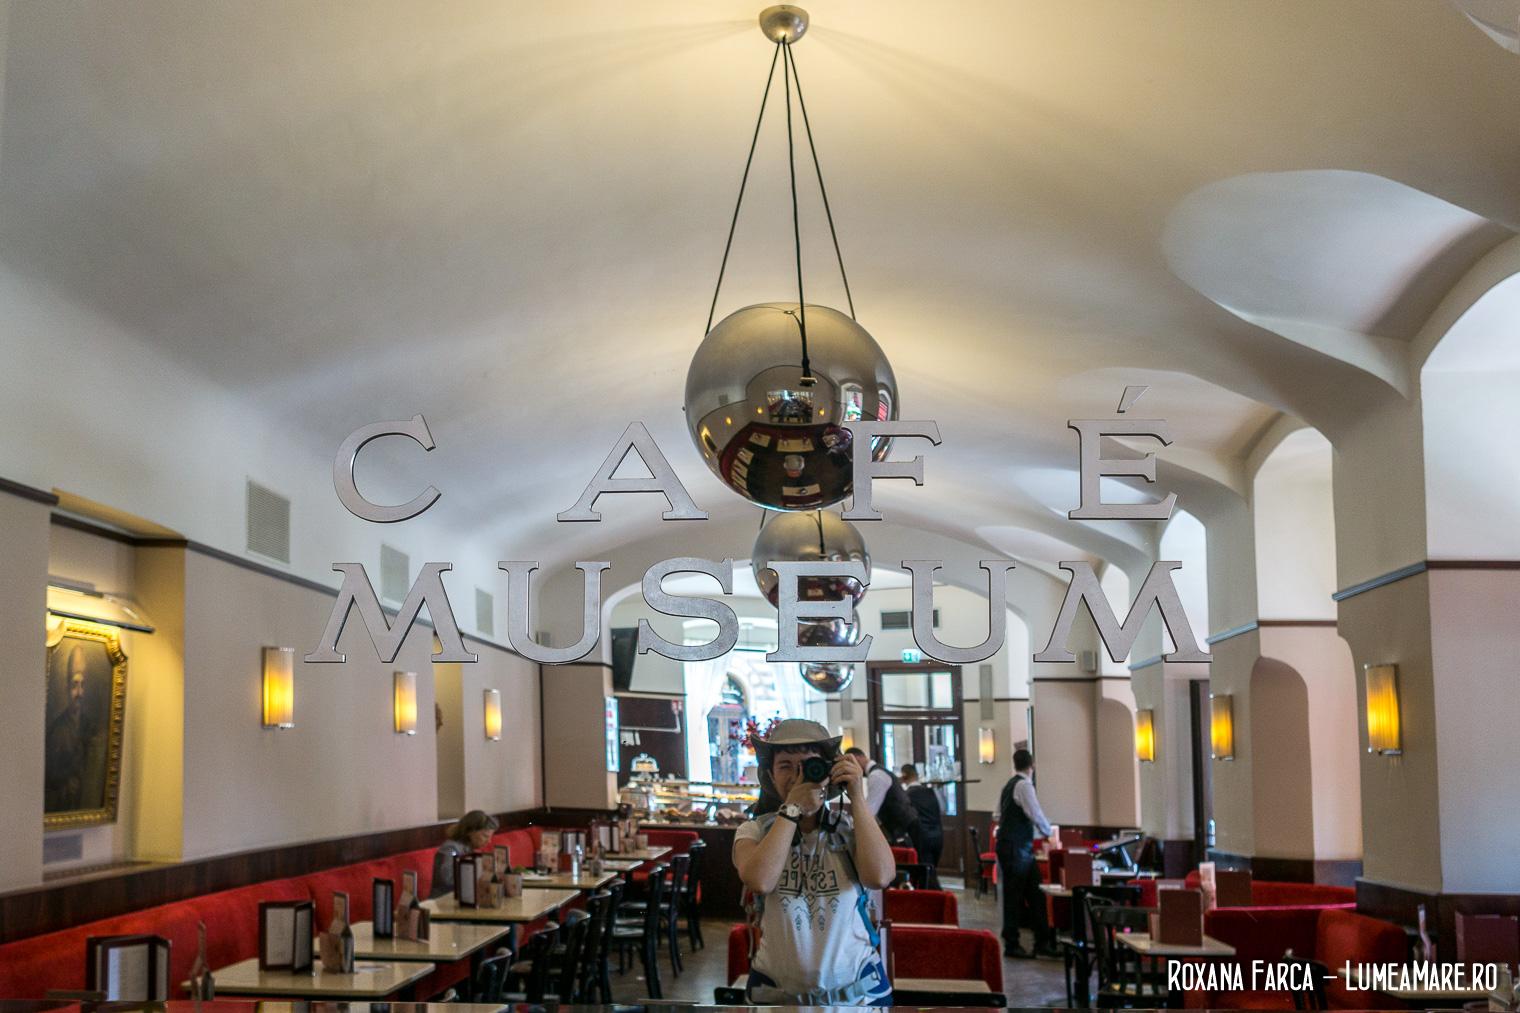 Selfie în Cafe Museum, Viena